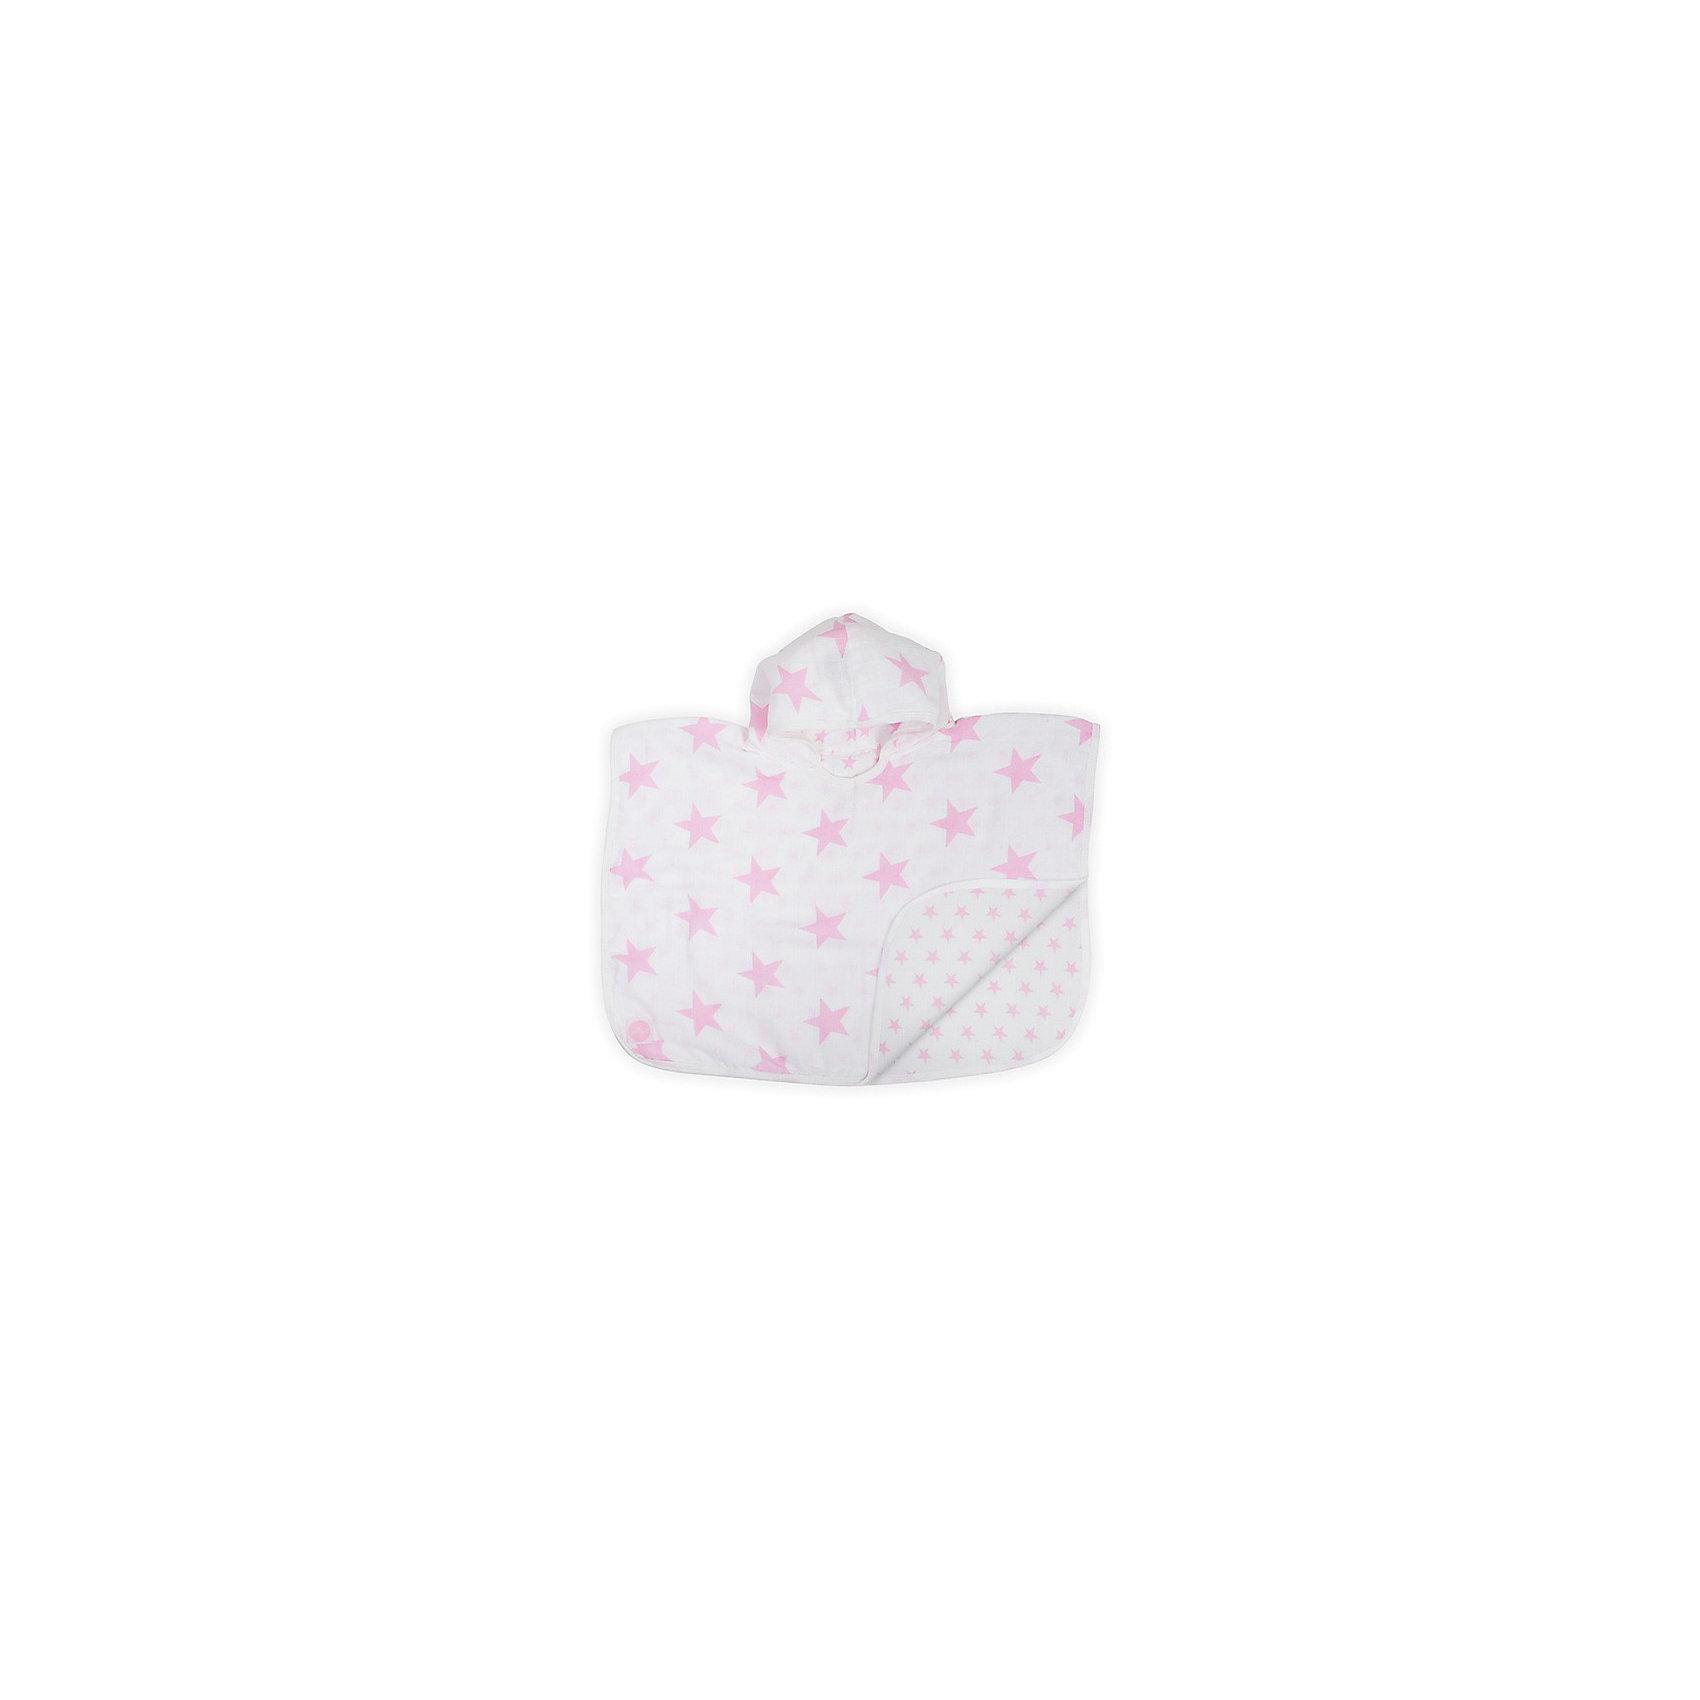 Муслиновое полотенце-пончо 45х60 см, Jollein, Little star pinkДвухстороннее полотенце-пончо для малышей выполнено из двух слоев муслина. Предназначено для малышей с 6 месяцев. Муслиновое полотенце пончо имеет больше преимуществ, чем махровое. <br>Очень мягкое, легкое, с каждой стиркой становится все мягче и мягче. Быстро сохнет, занимает мало места в сумке. Можно использовать нет только как полотенце, но и как защиту от солнца.<br><br>Ширина мм: 260<br>Глубина мм: 260<br>Высота мм: 30<br>Вес г: 300<br>Возраст от месяцев: 0<br>Возраст до месяцев: 36<br>Пол: Унисекс<br>Возраст: Детский<br>SKU: 5367194